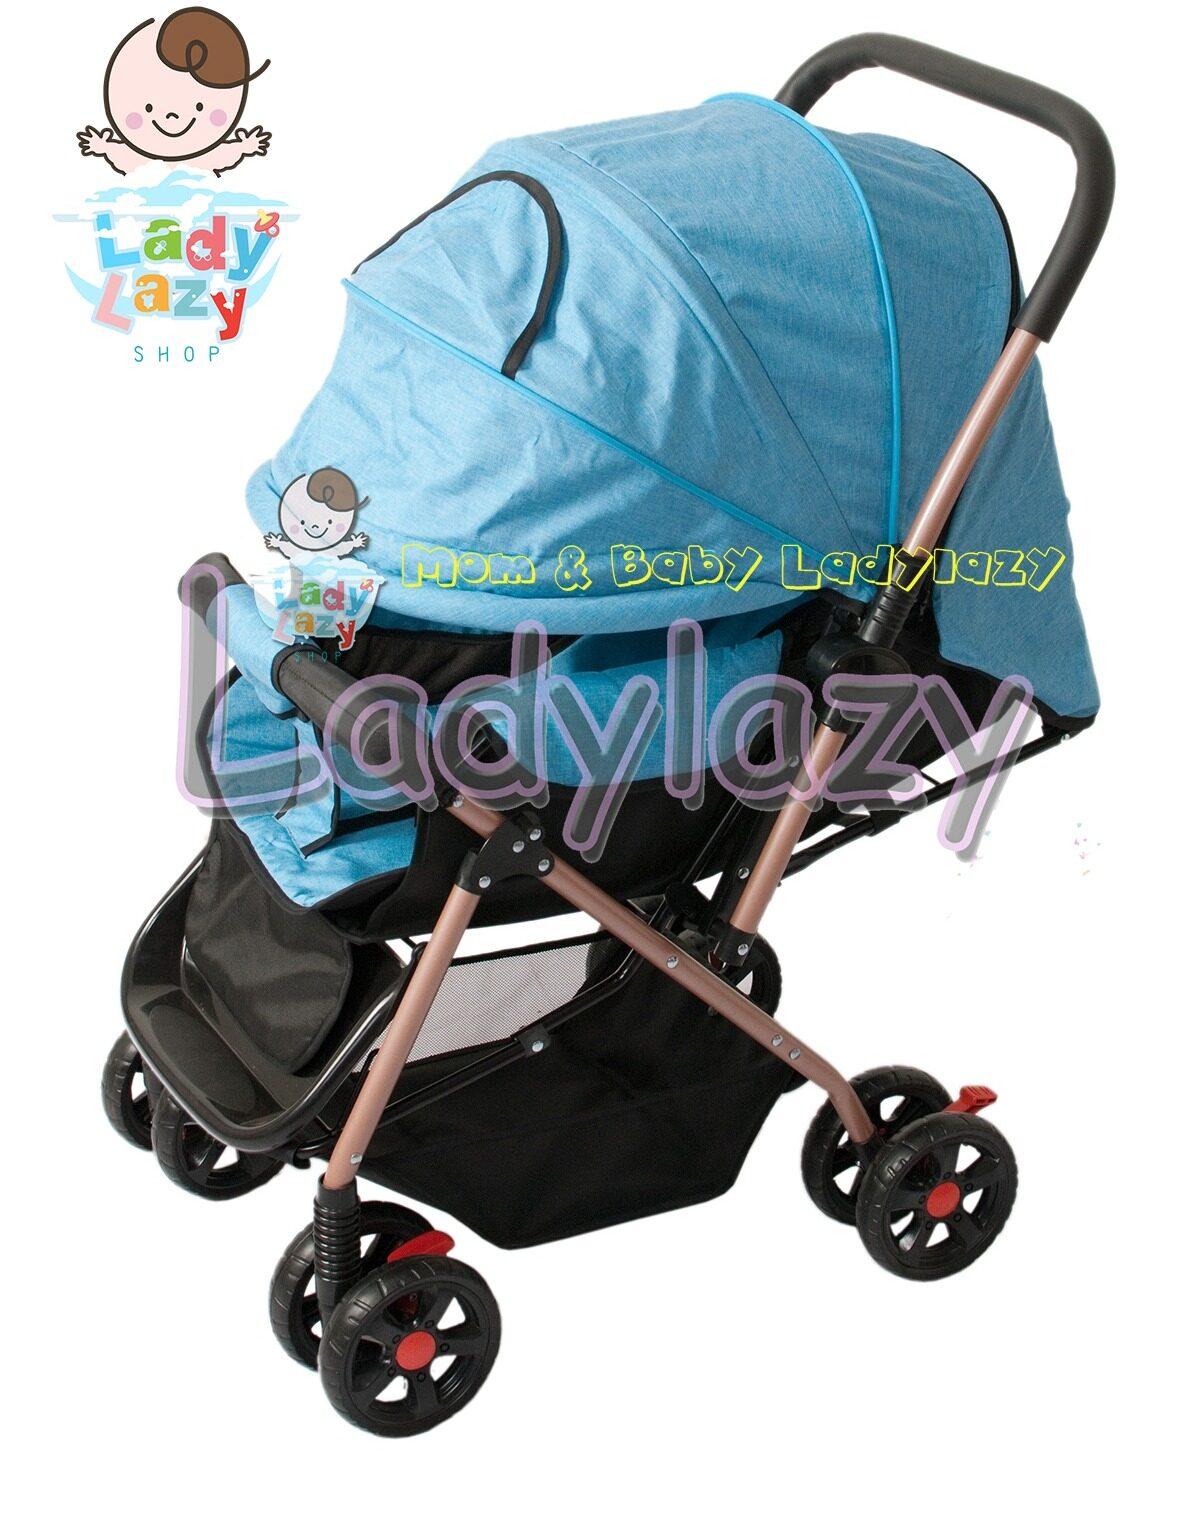 โปรโมชั่น ladylazyรถเข็นเด็ก รุ่นLady02 ปรับนั่ง/เอน/นอน เข็นหน้า-หลังได้ ฟรีมุ้ง+กระเป๋า สีฟ้า